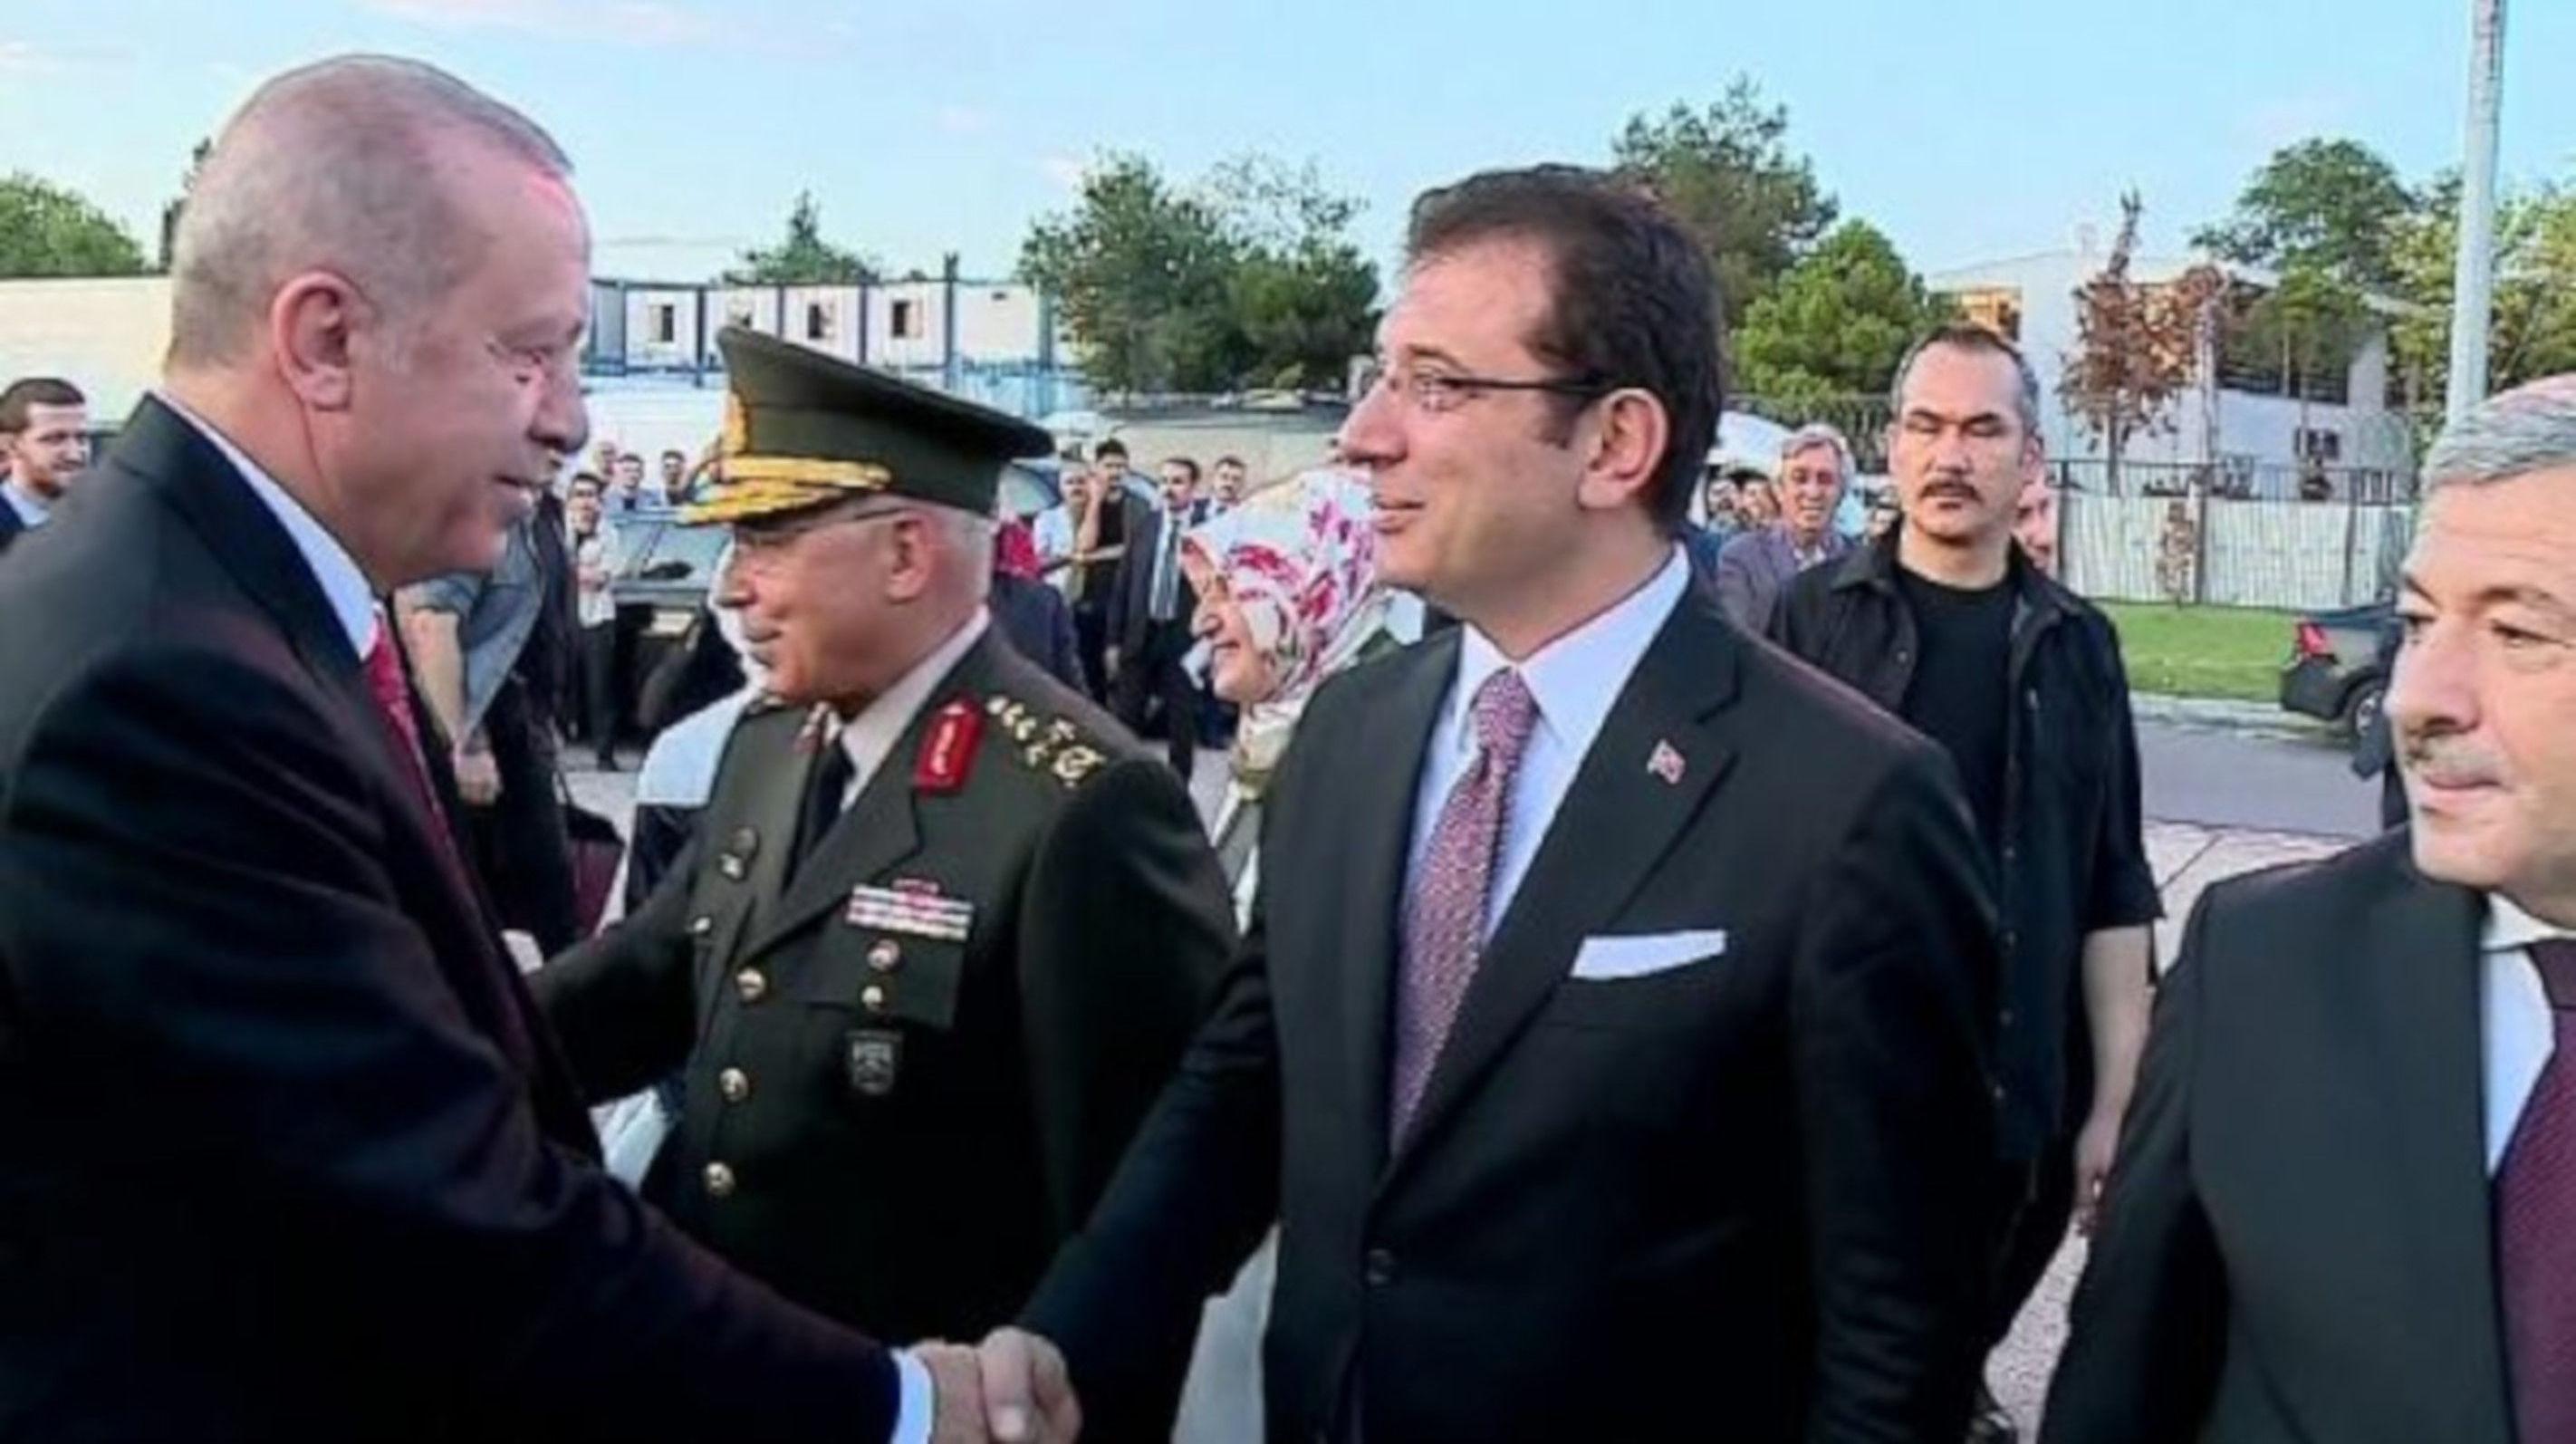 Cumhurbaşkanı Erdoğan'ı karşılayanlar arasında İBB Başkanı Ekrem İmamoğlu da vardı.